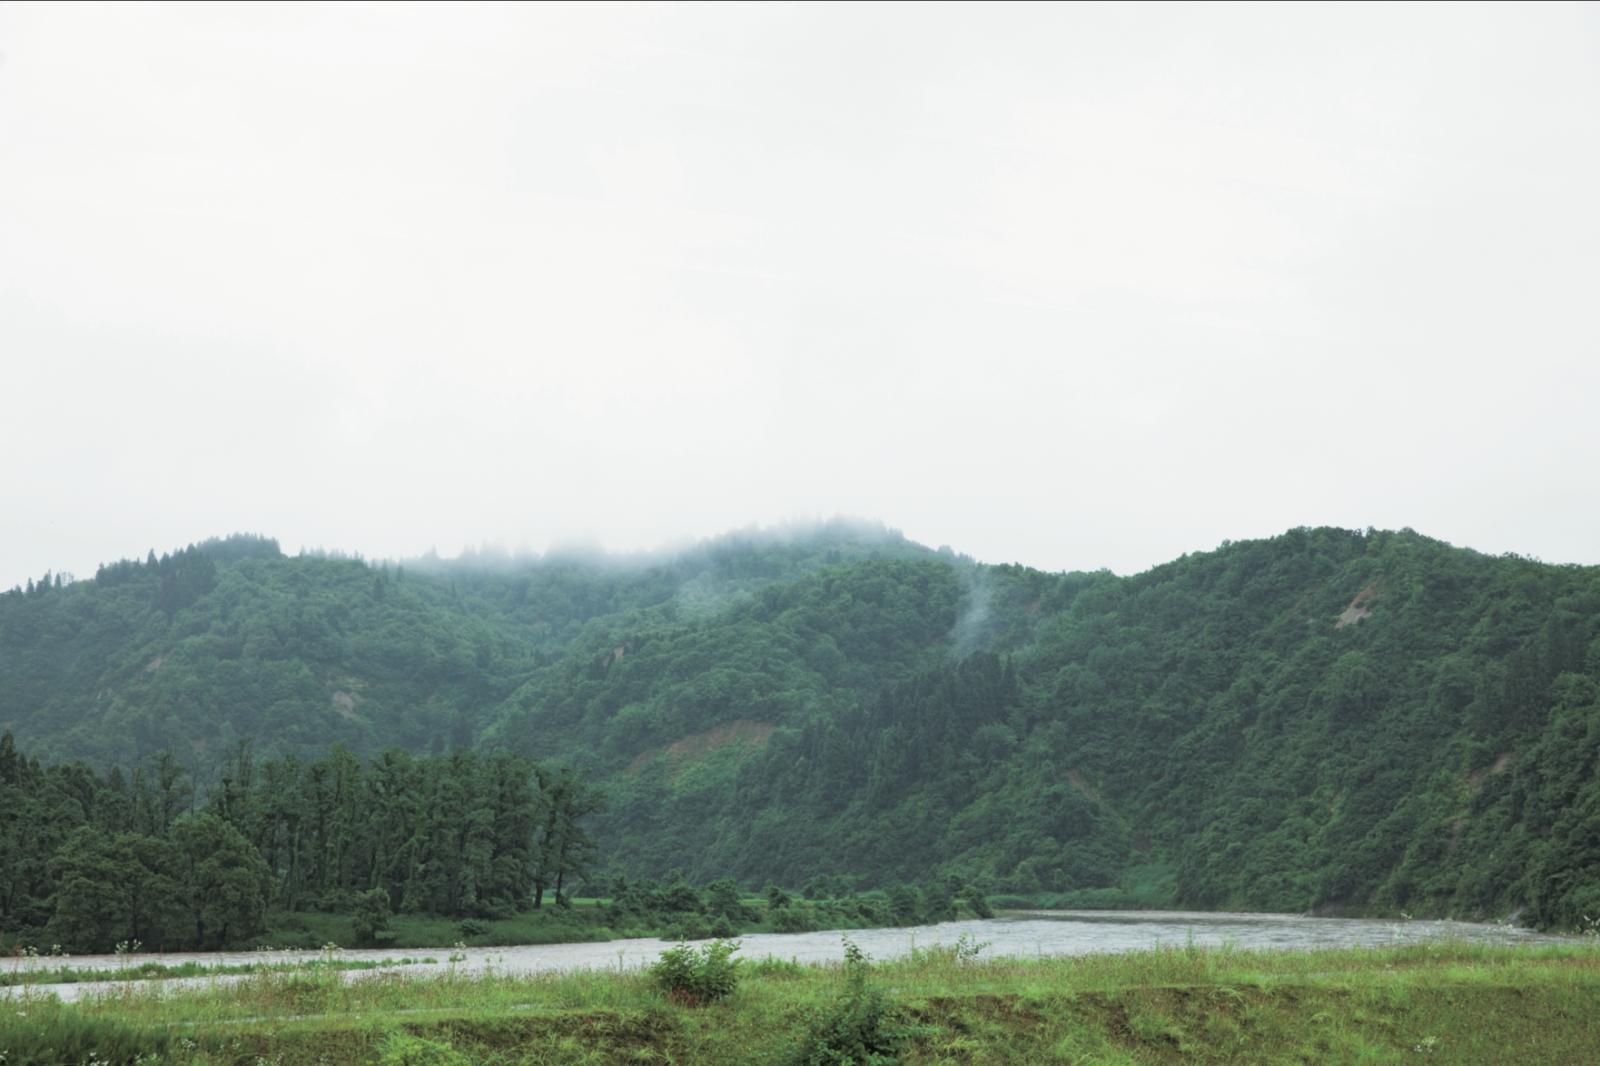 雨が降って水かさを増した魚野川。川岸にやな場がある。